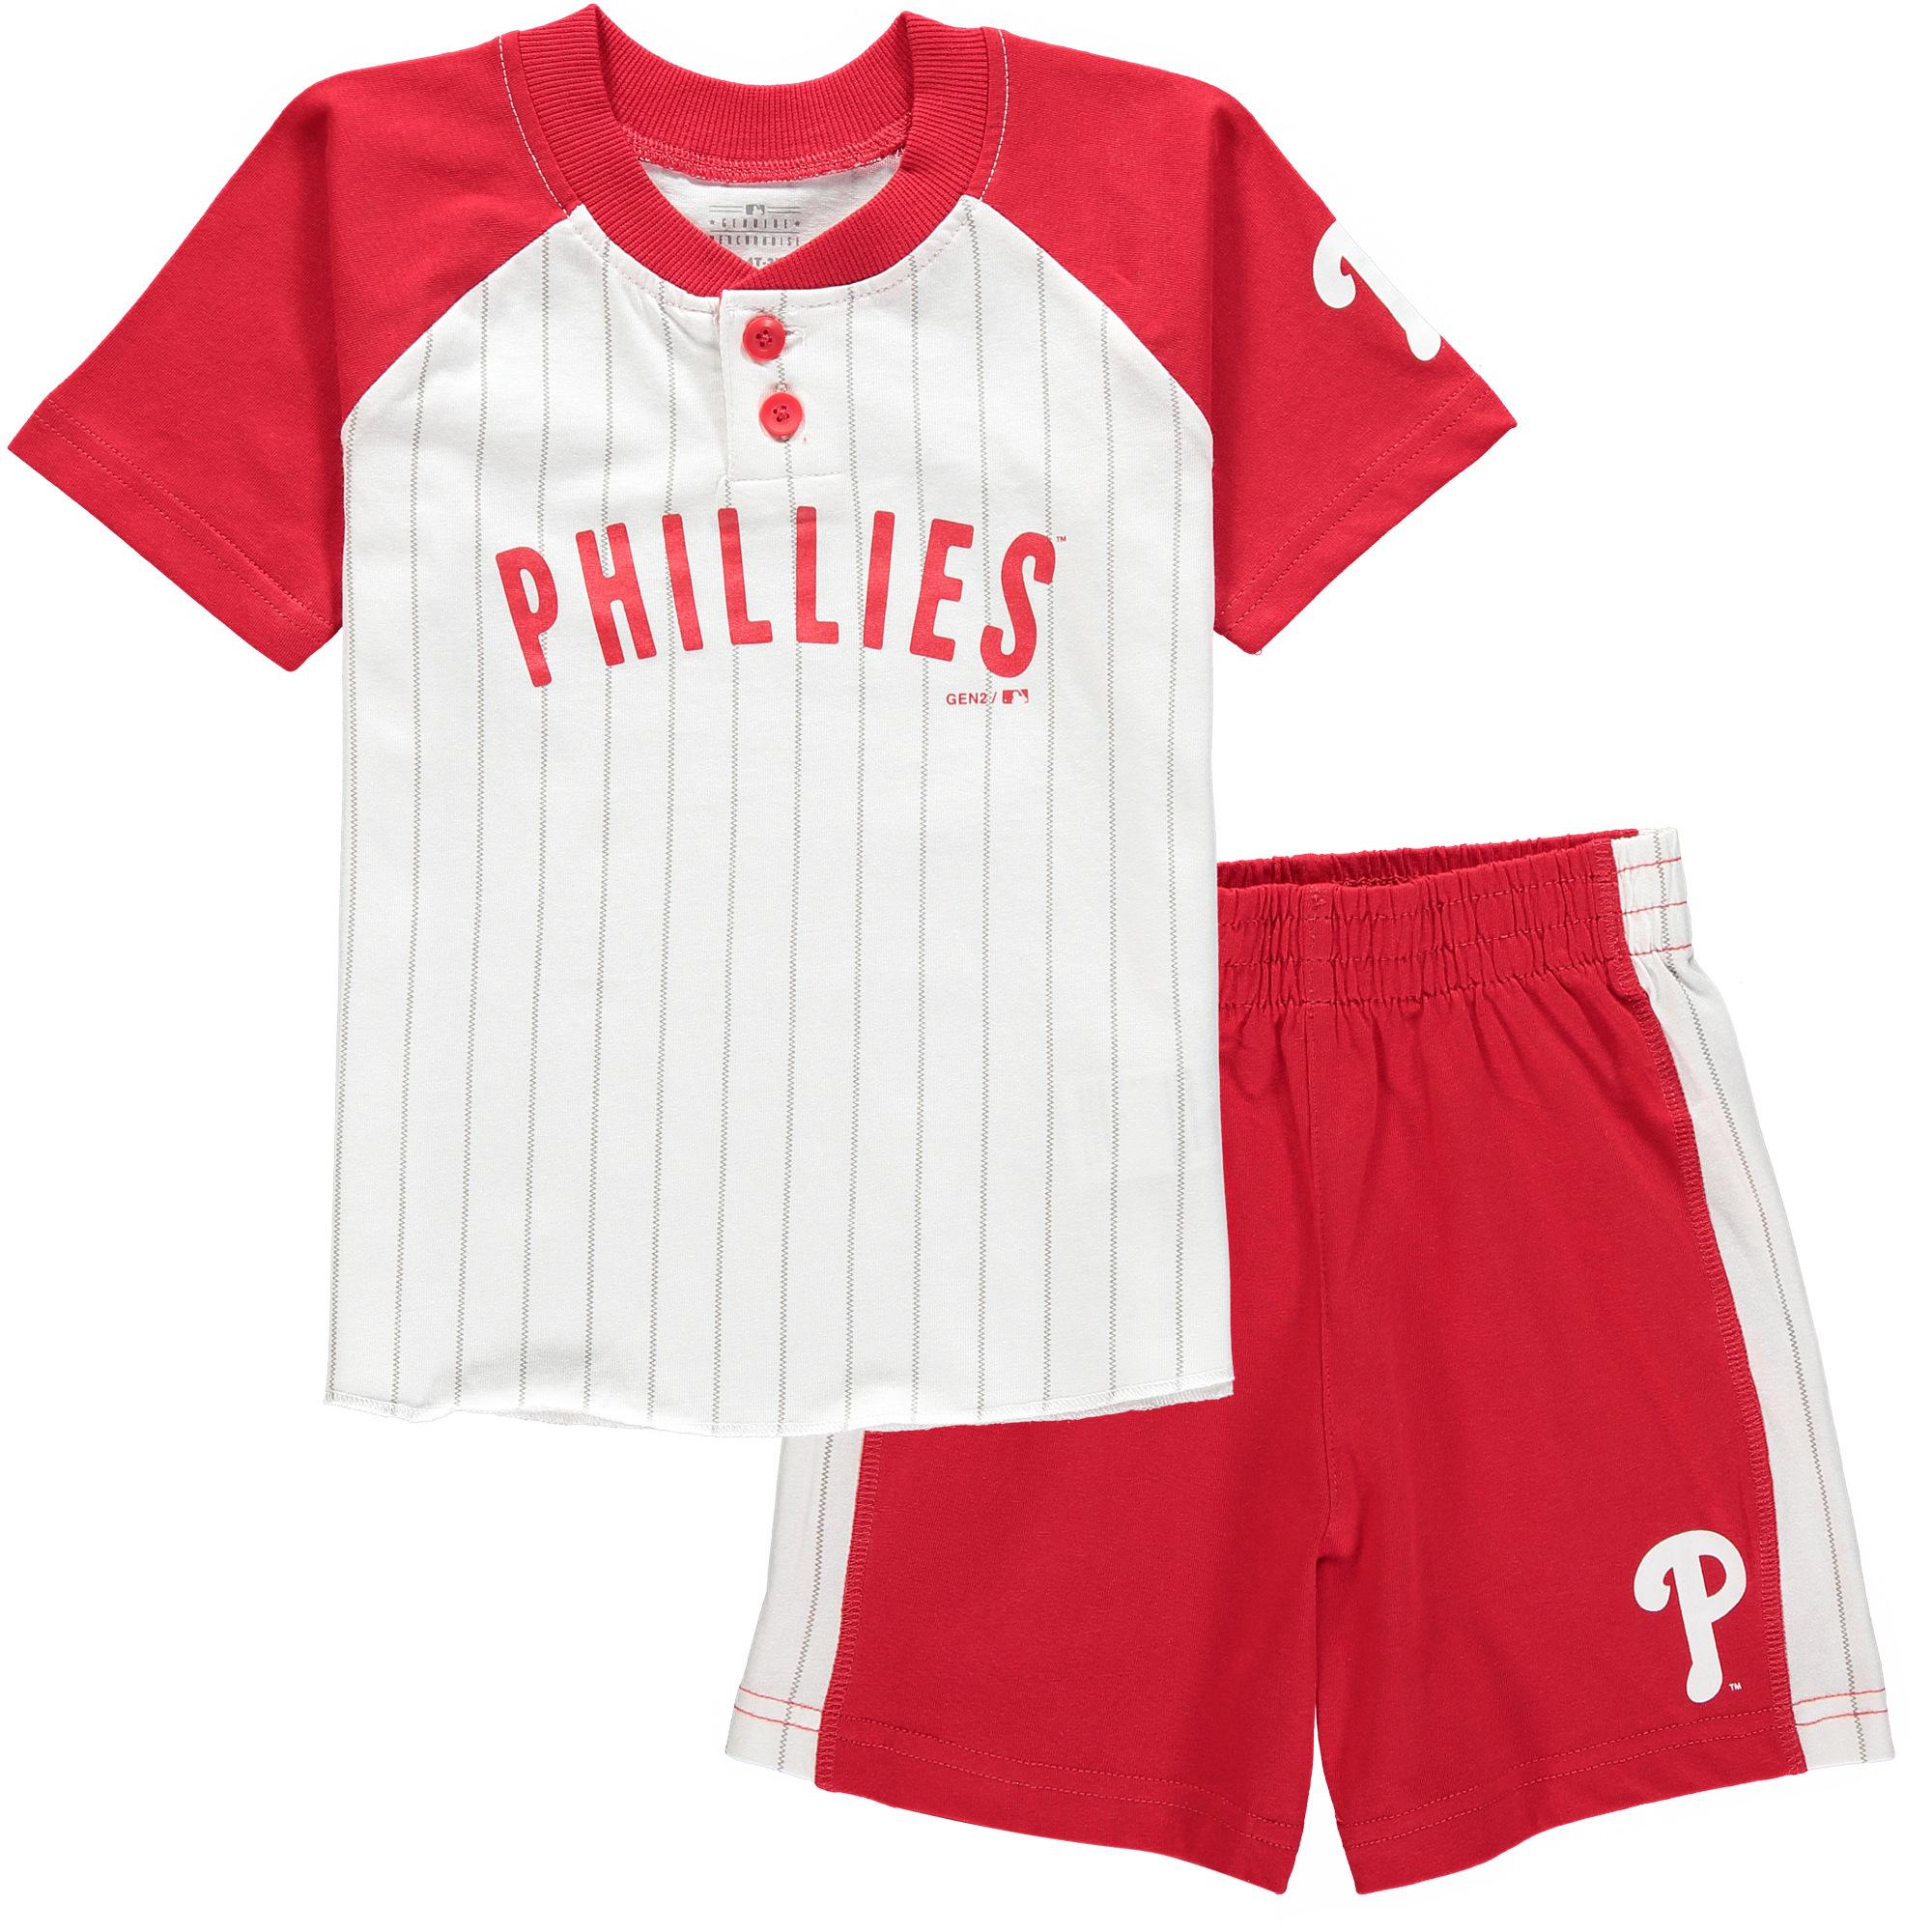 Philadelphia Phillies Toddler Good Hit Henley T-Shirt & Shorts Set - White/Red